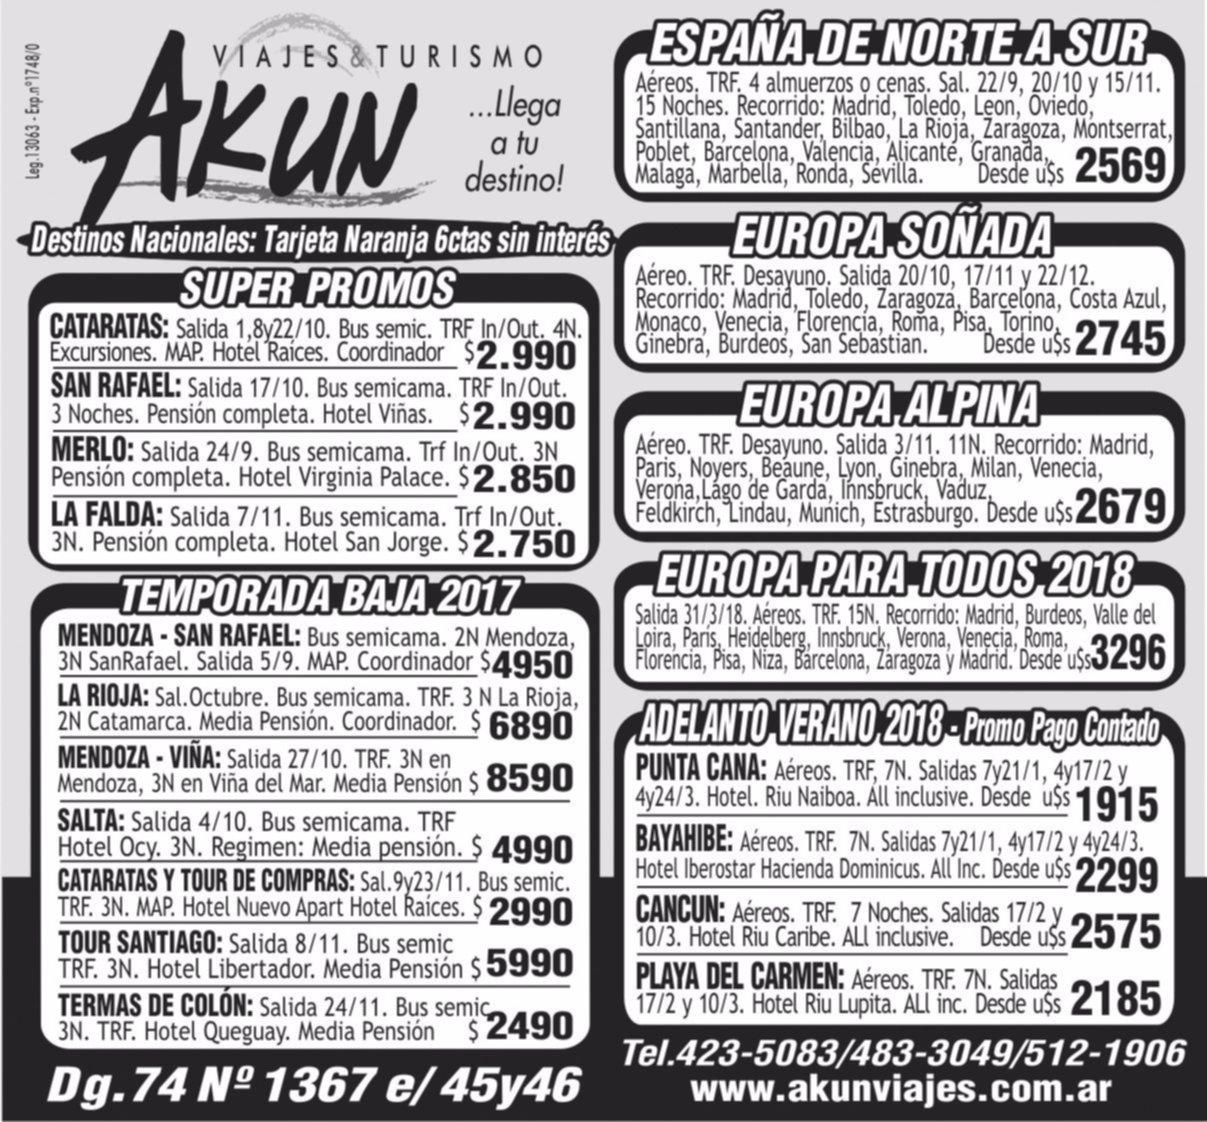 Akun te brinda lo mejor en viajes  y turismo: consultá planes y promociones